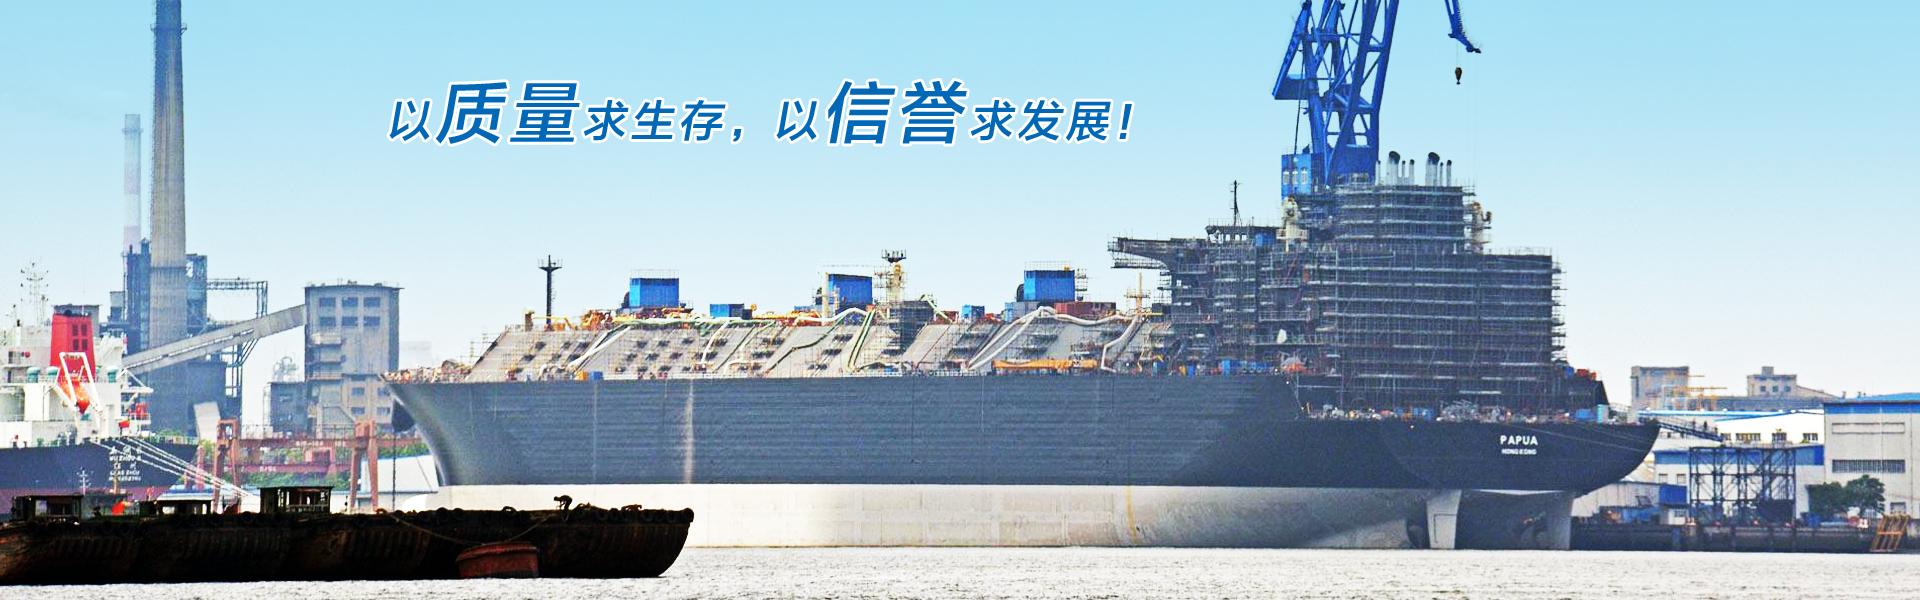 肇庆市高要新中石化管道配件有限公司既拥有电热推制弯头及大弯生产线,又拥有热成型三通、异径管、法兰生产设备。